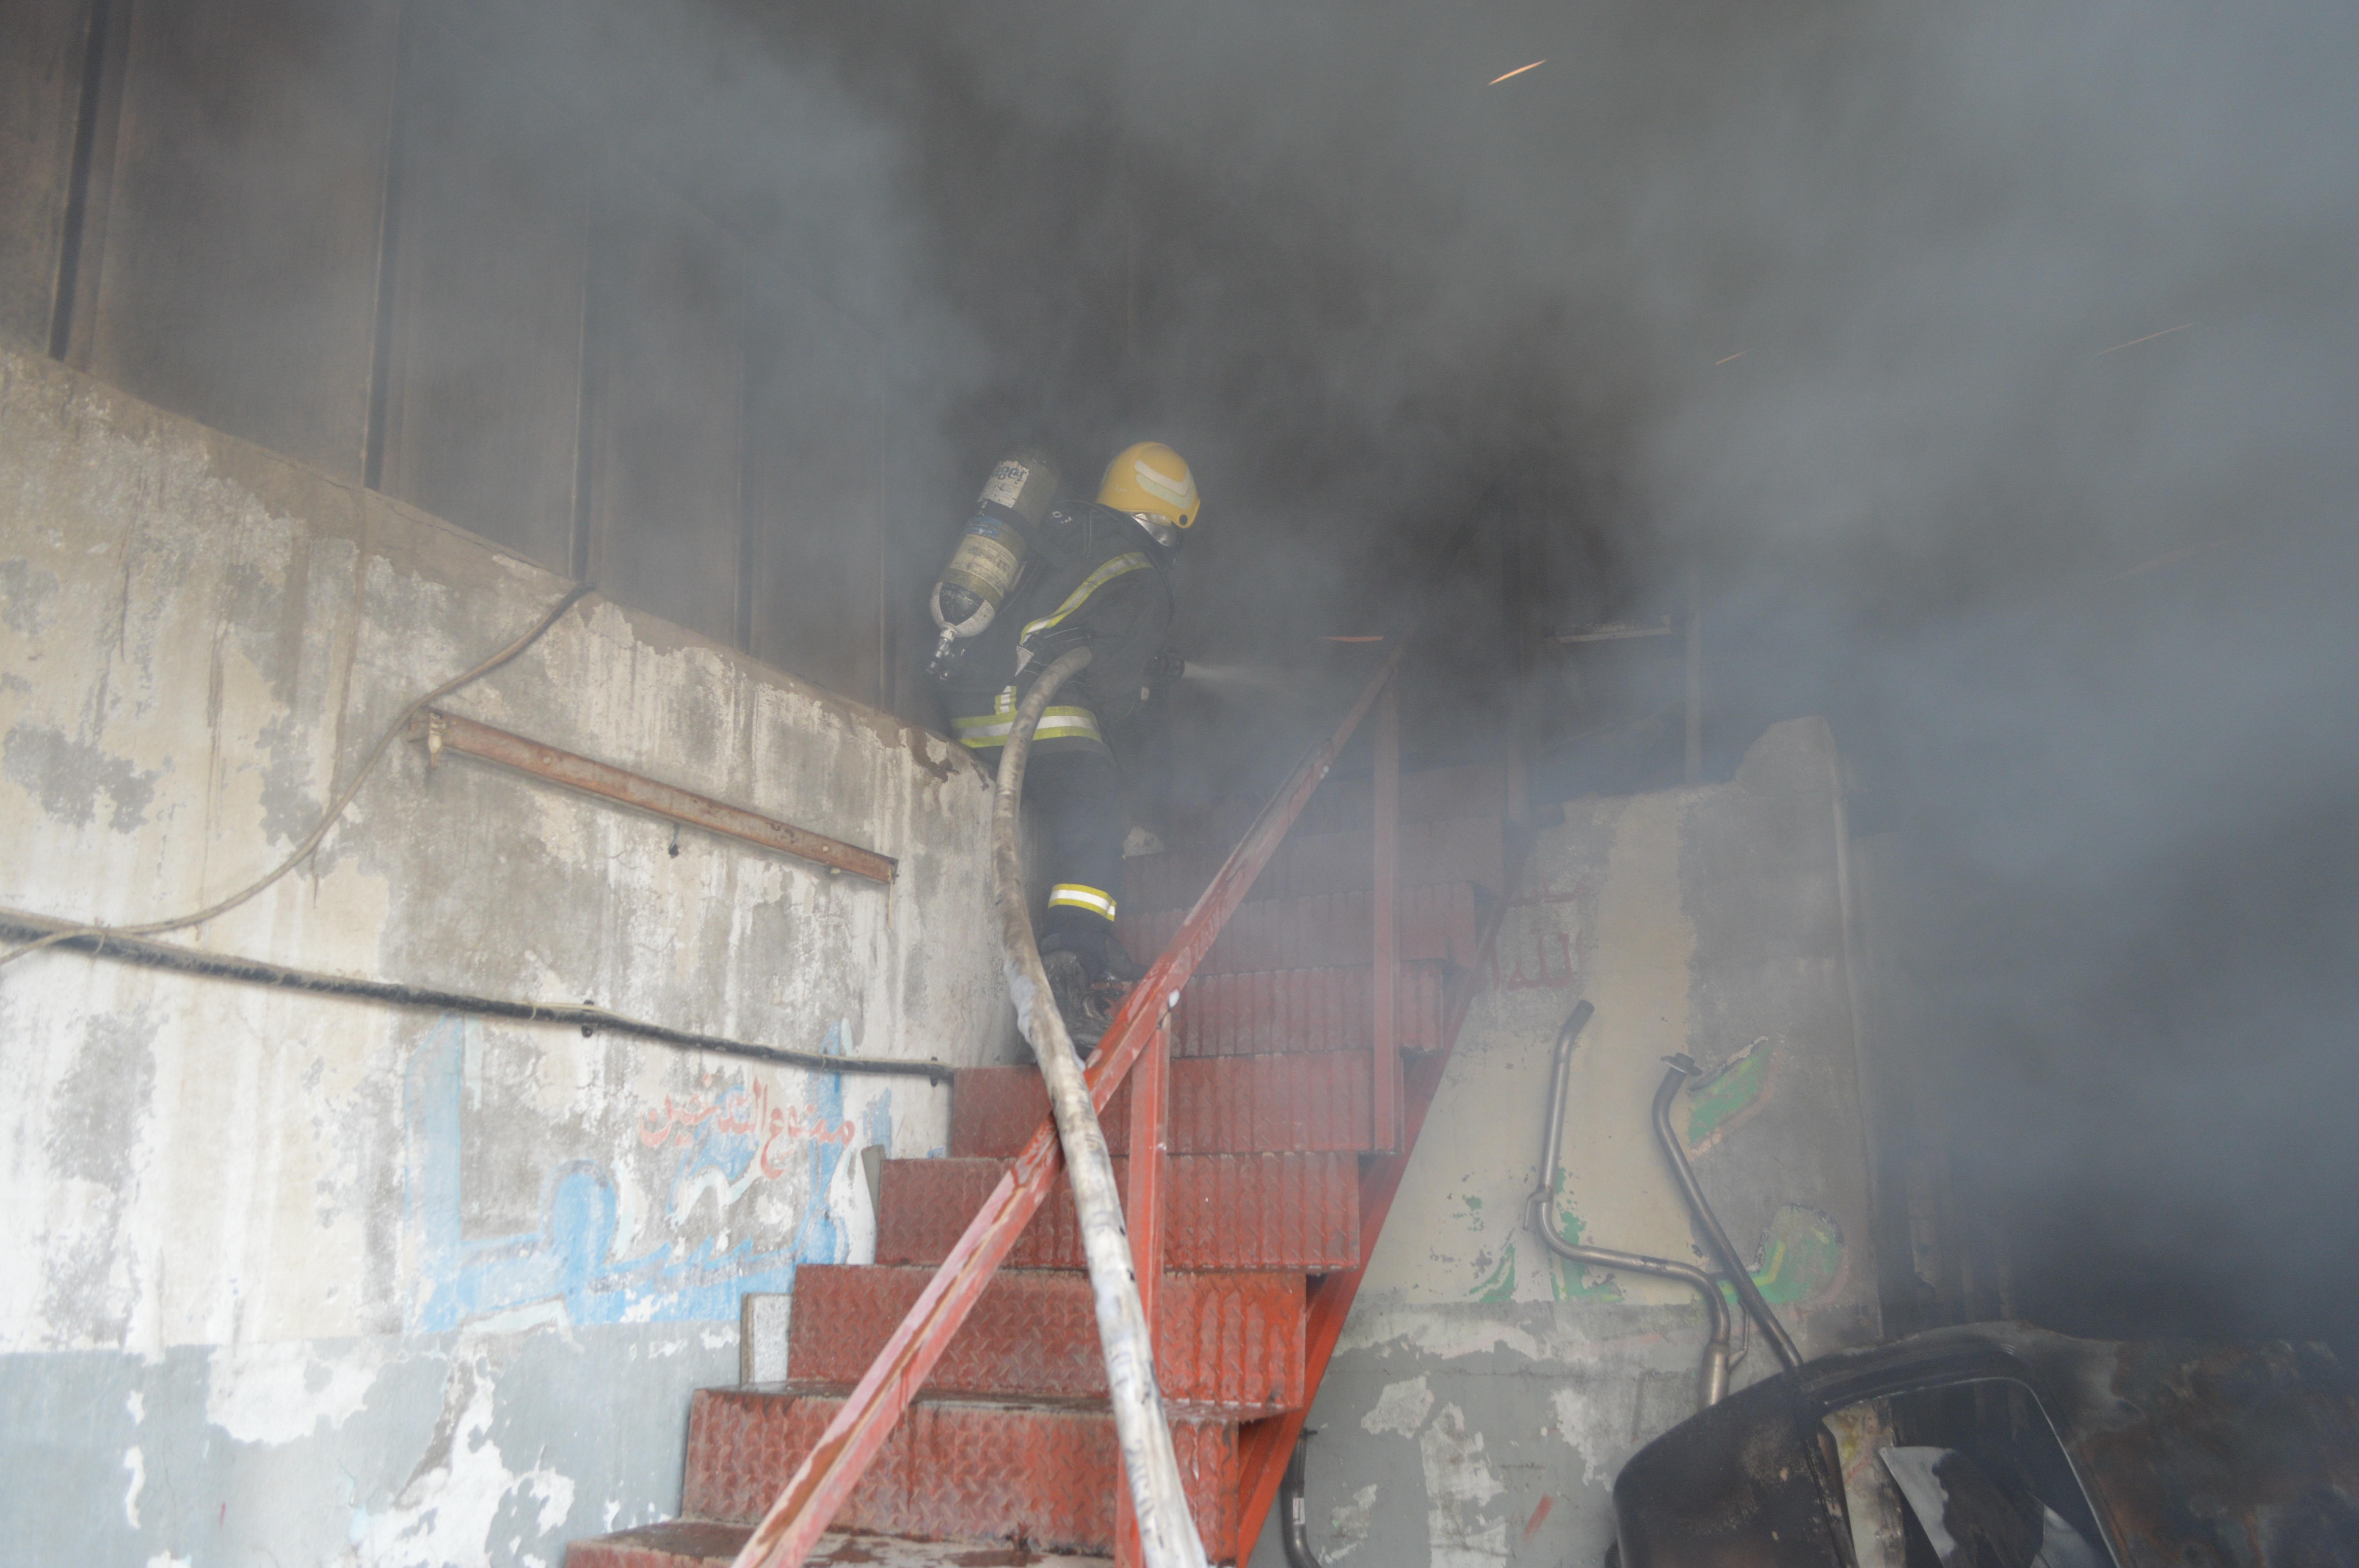 حريق مستودع لقطع غيار السيارات بالمنطقة الصناعية بجدة (3)